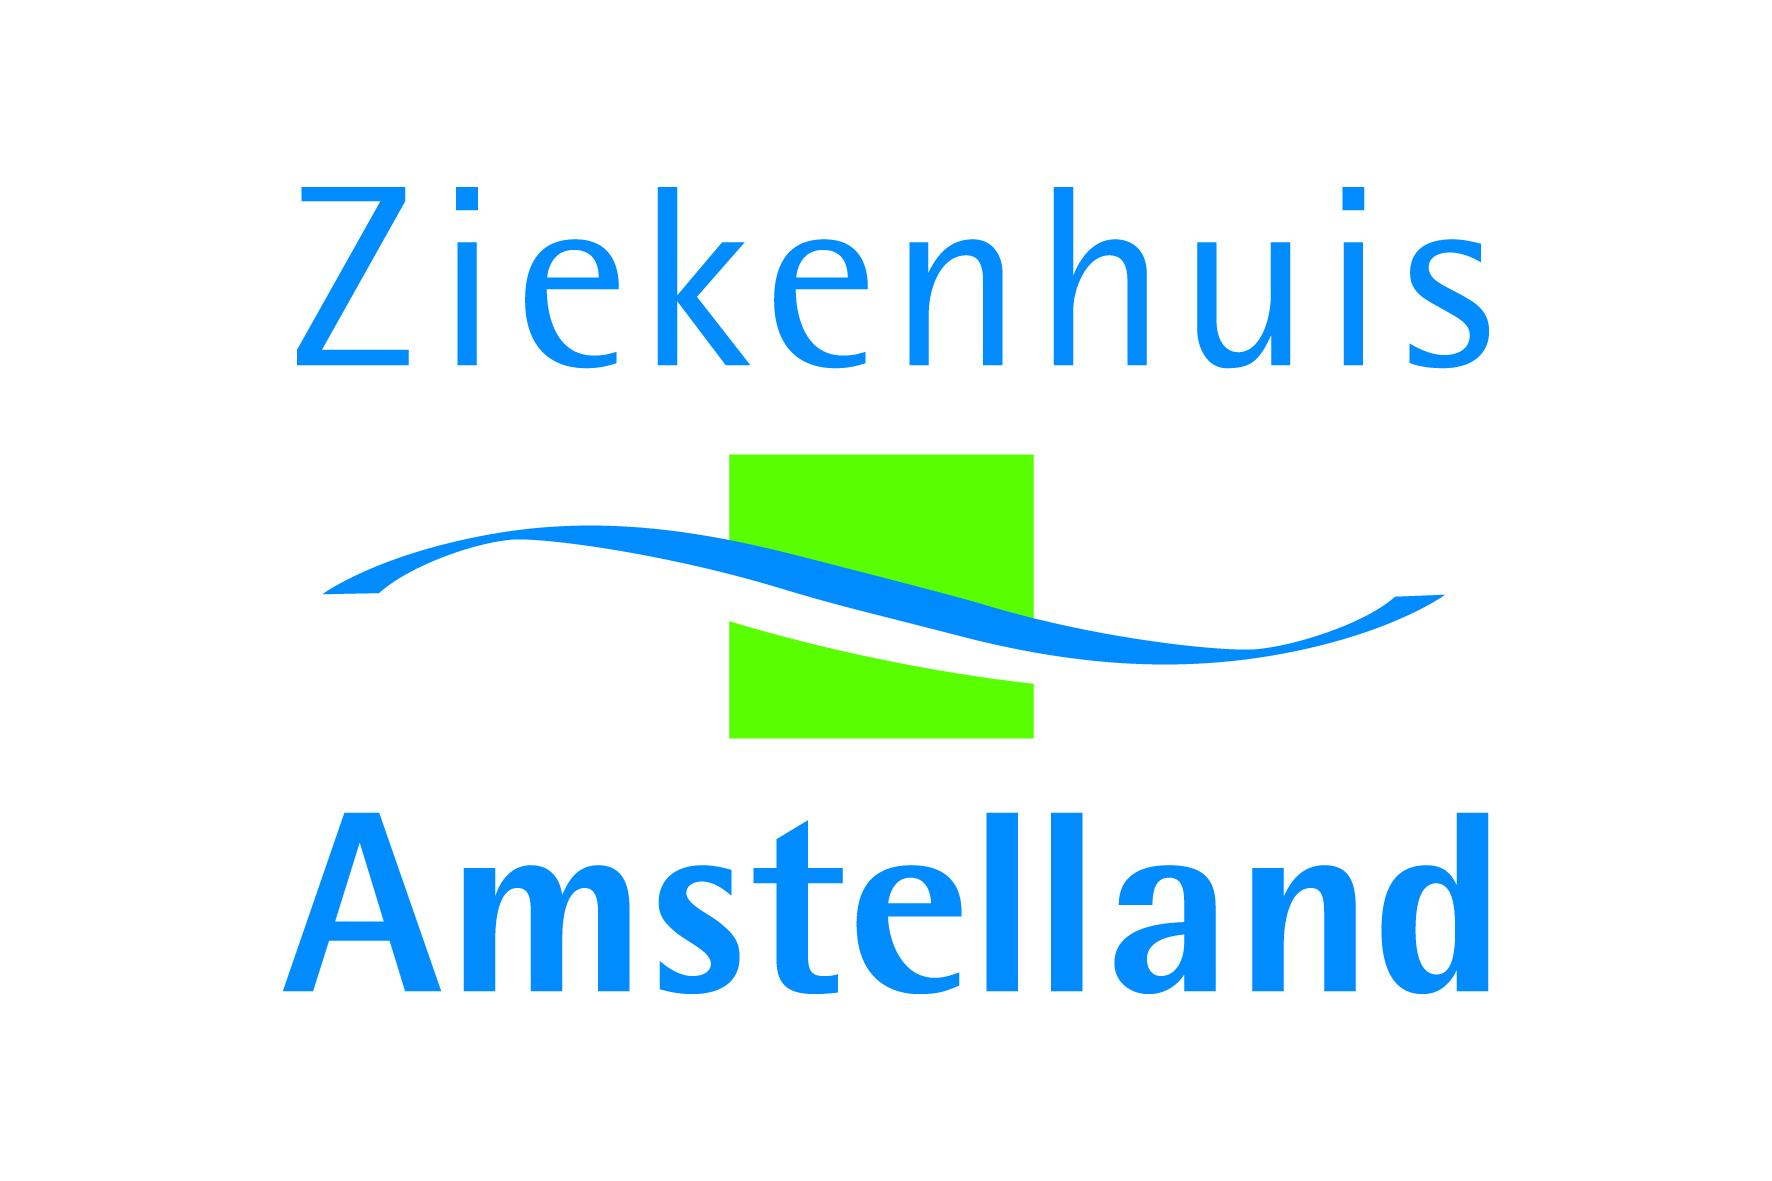 ziekenhuis-amstelland-been-management-consulting